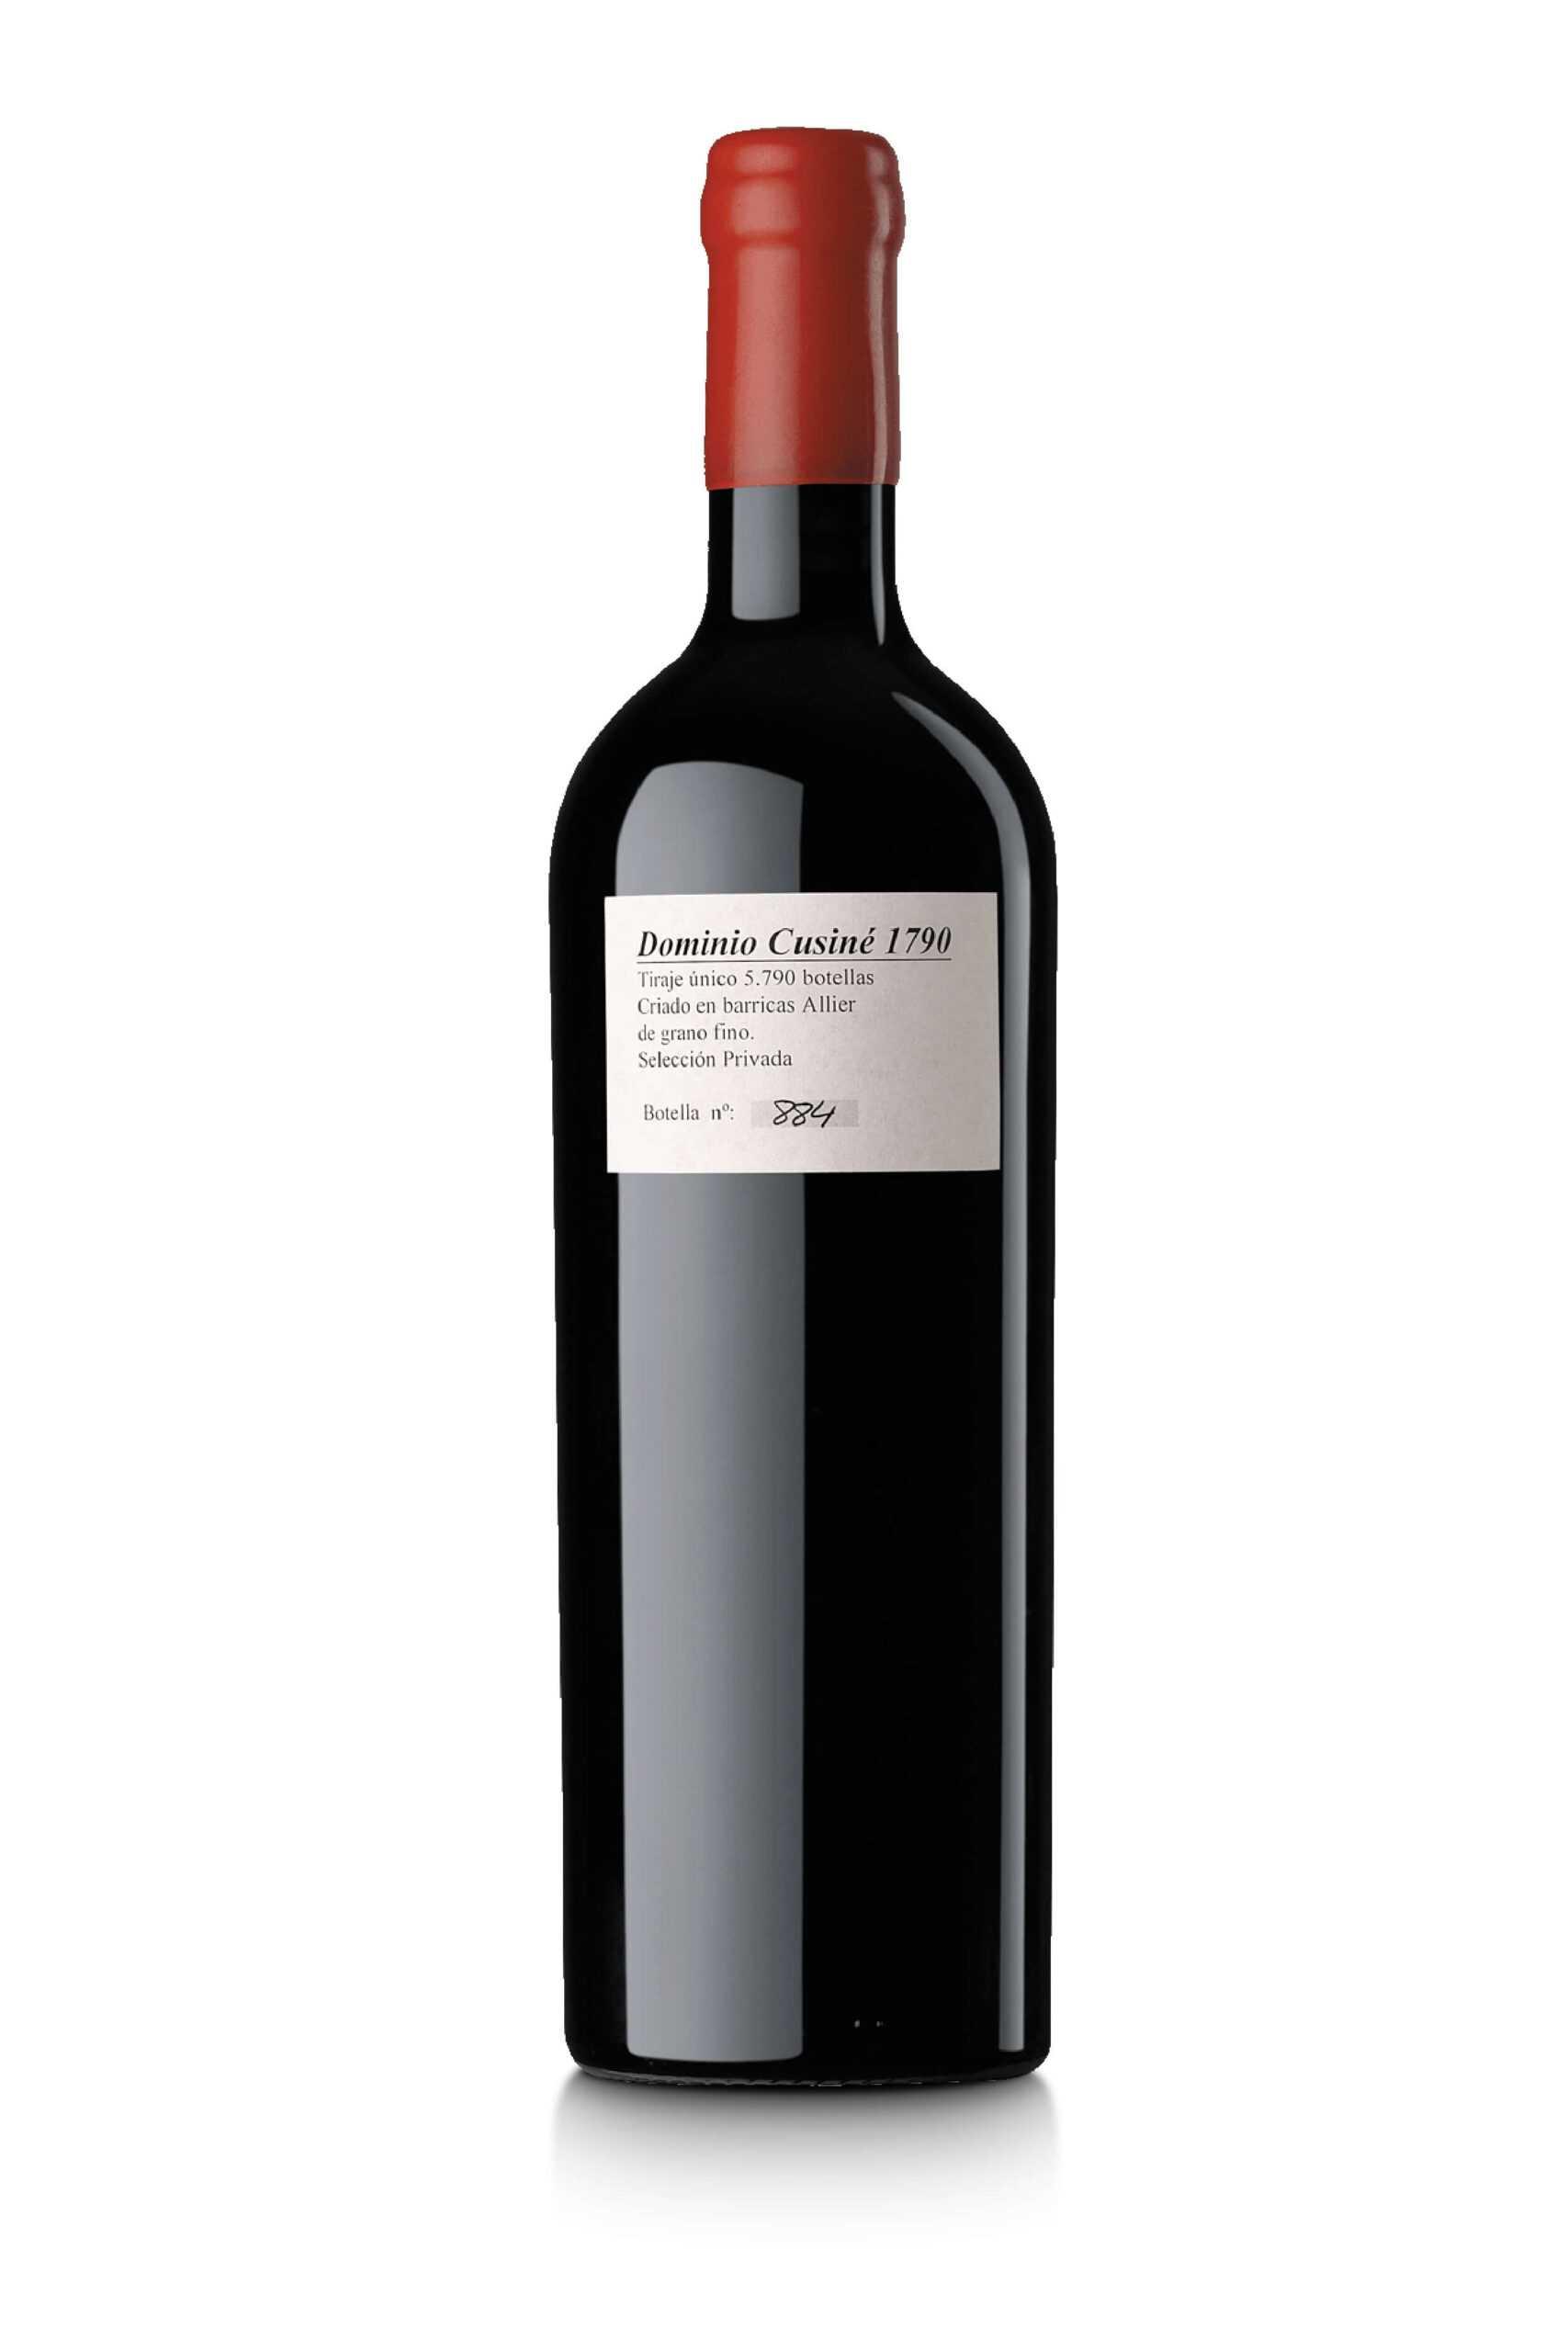 Dominio Cusiné vino dominio cusine pares balta scaled